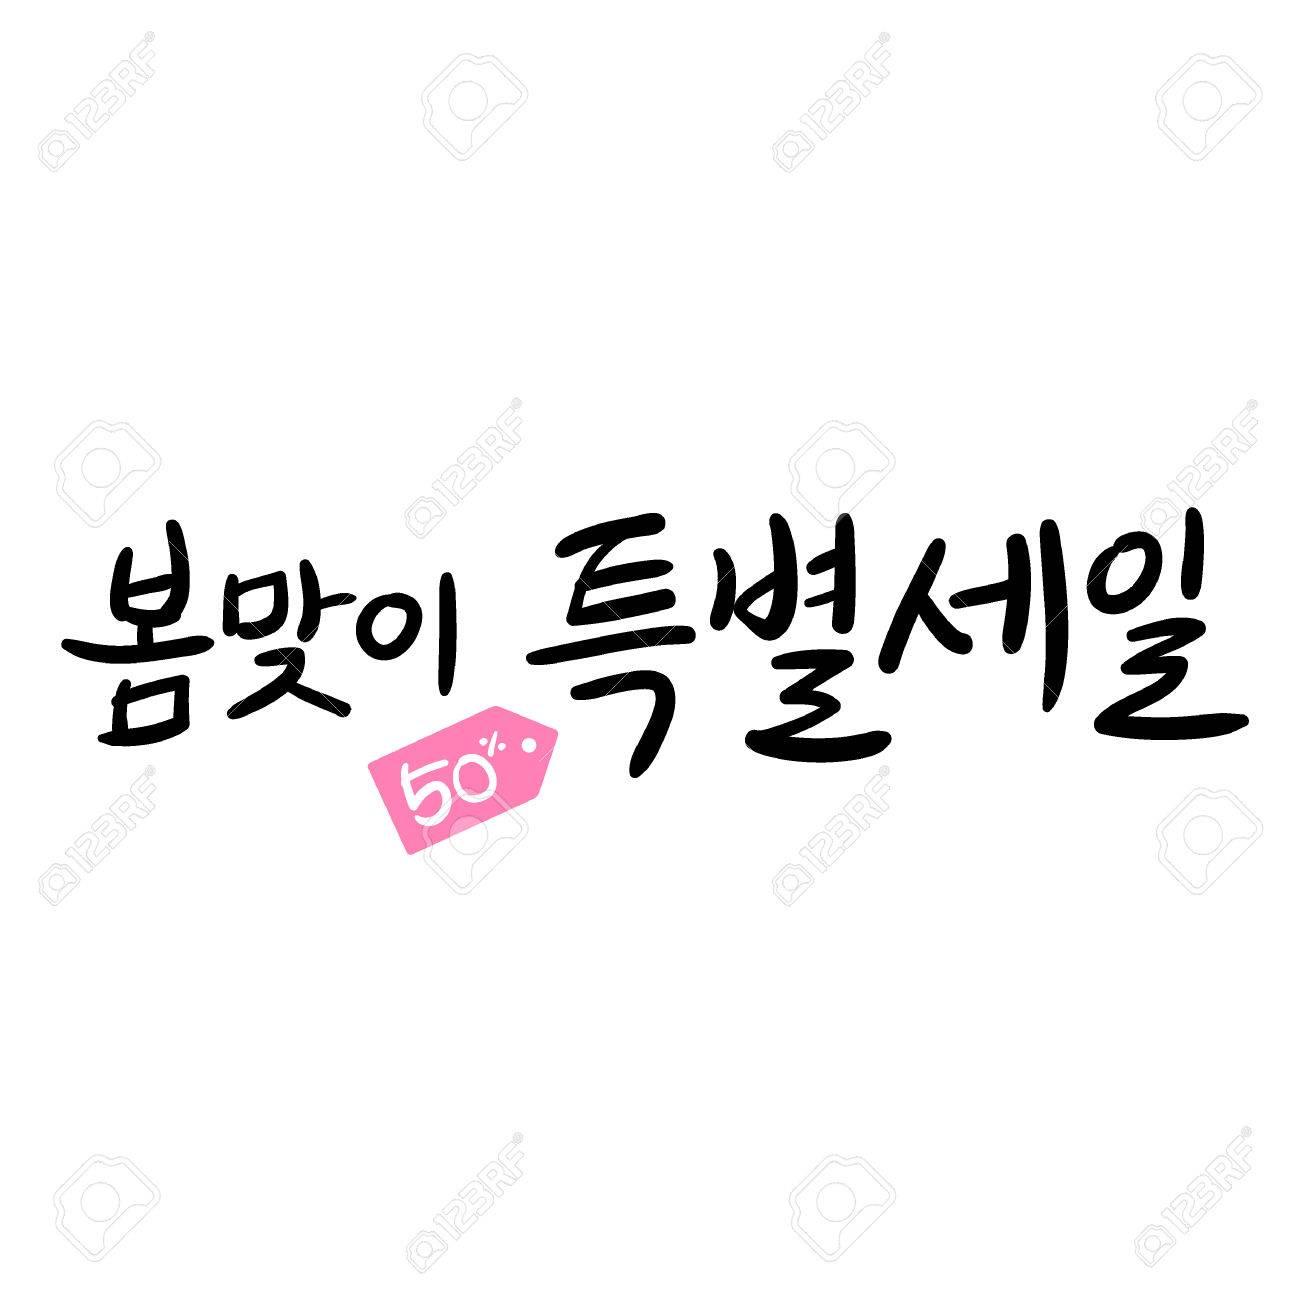 春の韓国語のメッセージを文字書道のイラスト素材ベクタ Image 40431621